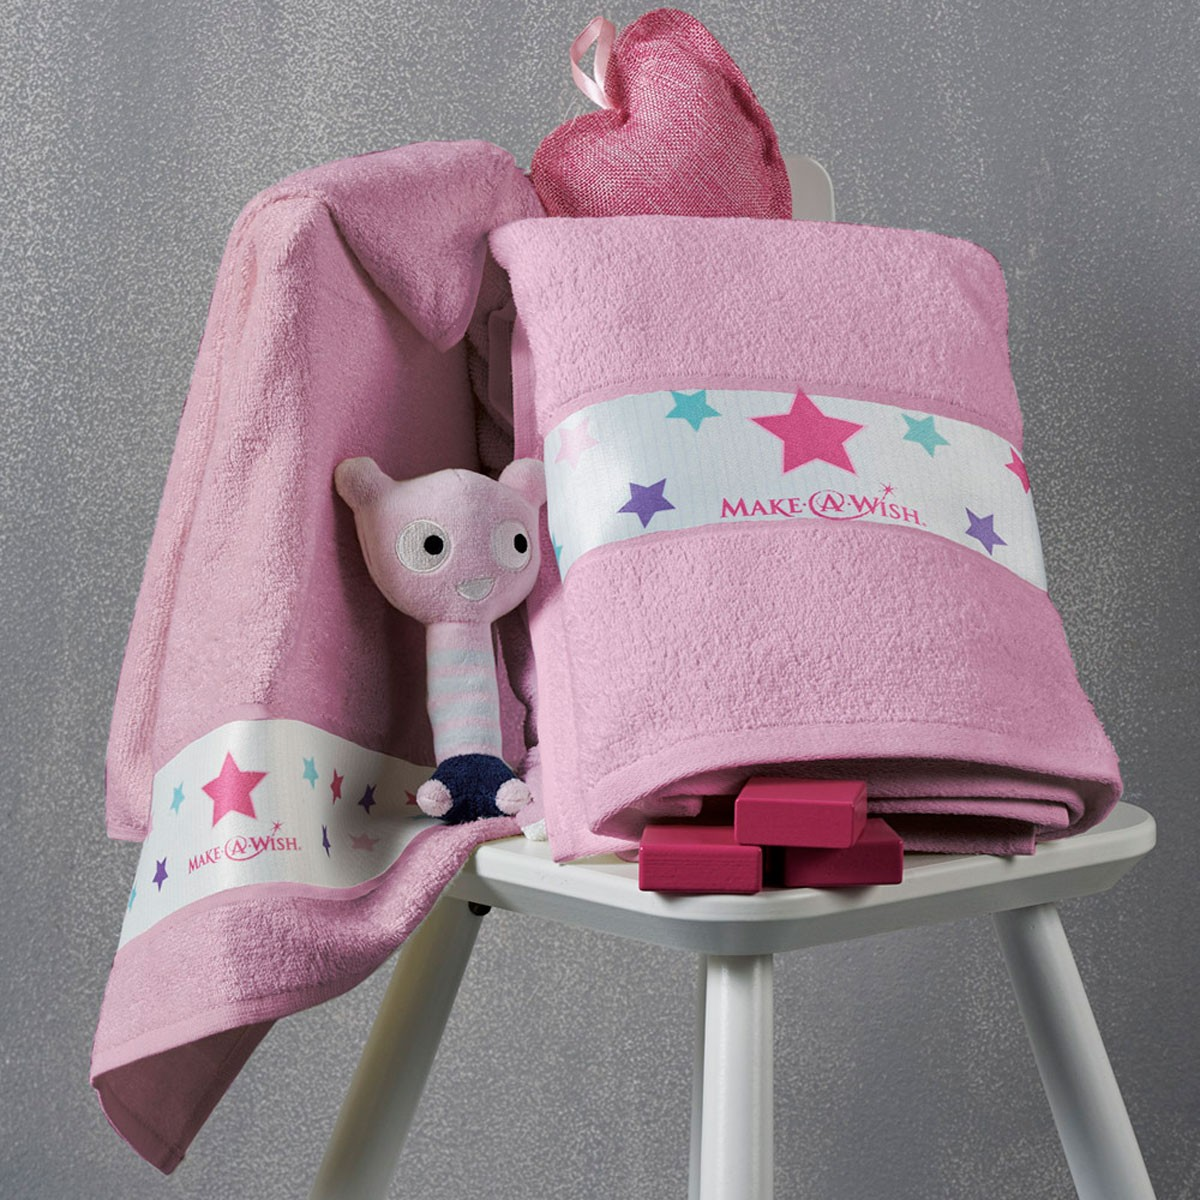 Παιδικές Πετσέτες (Σετ 2τμχ) Kentia Kids Make A Wish 14